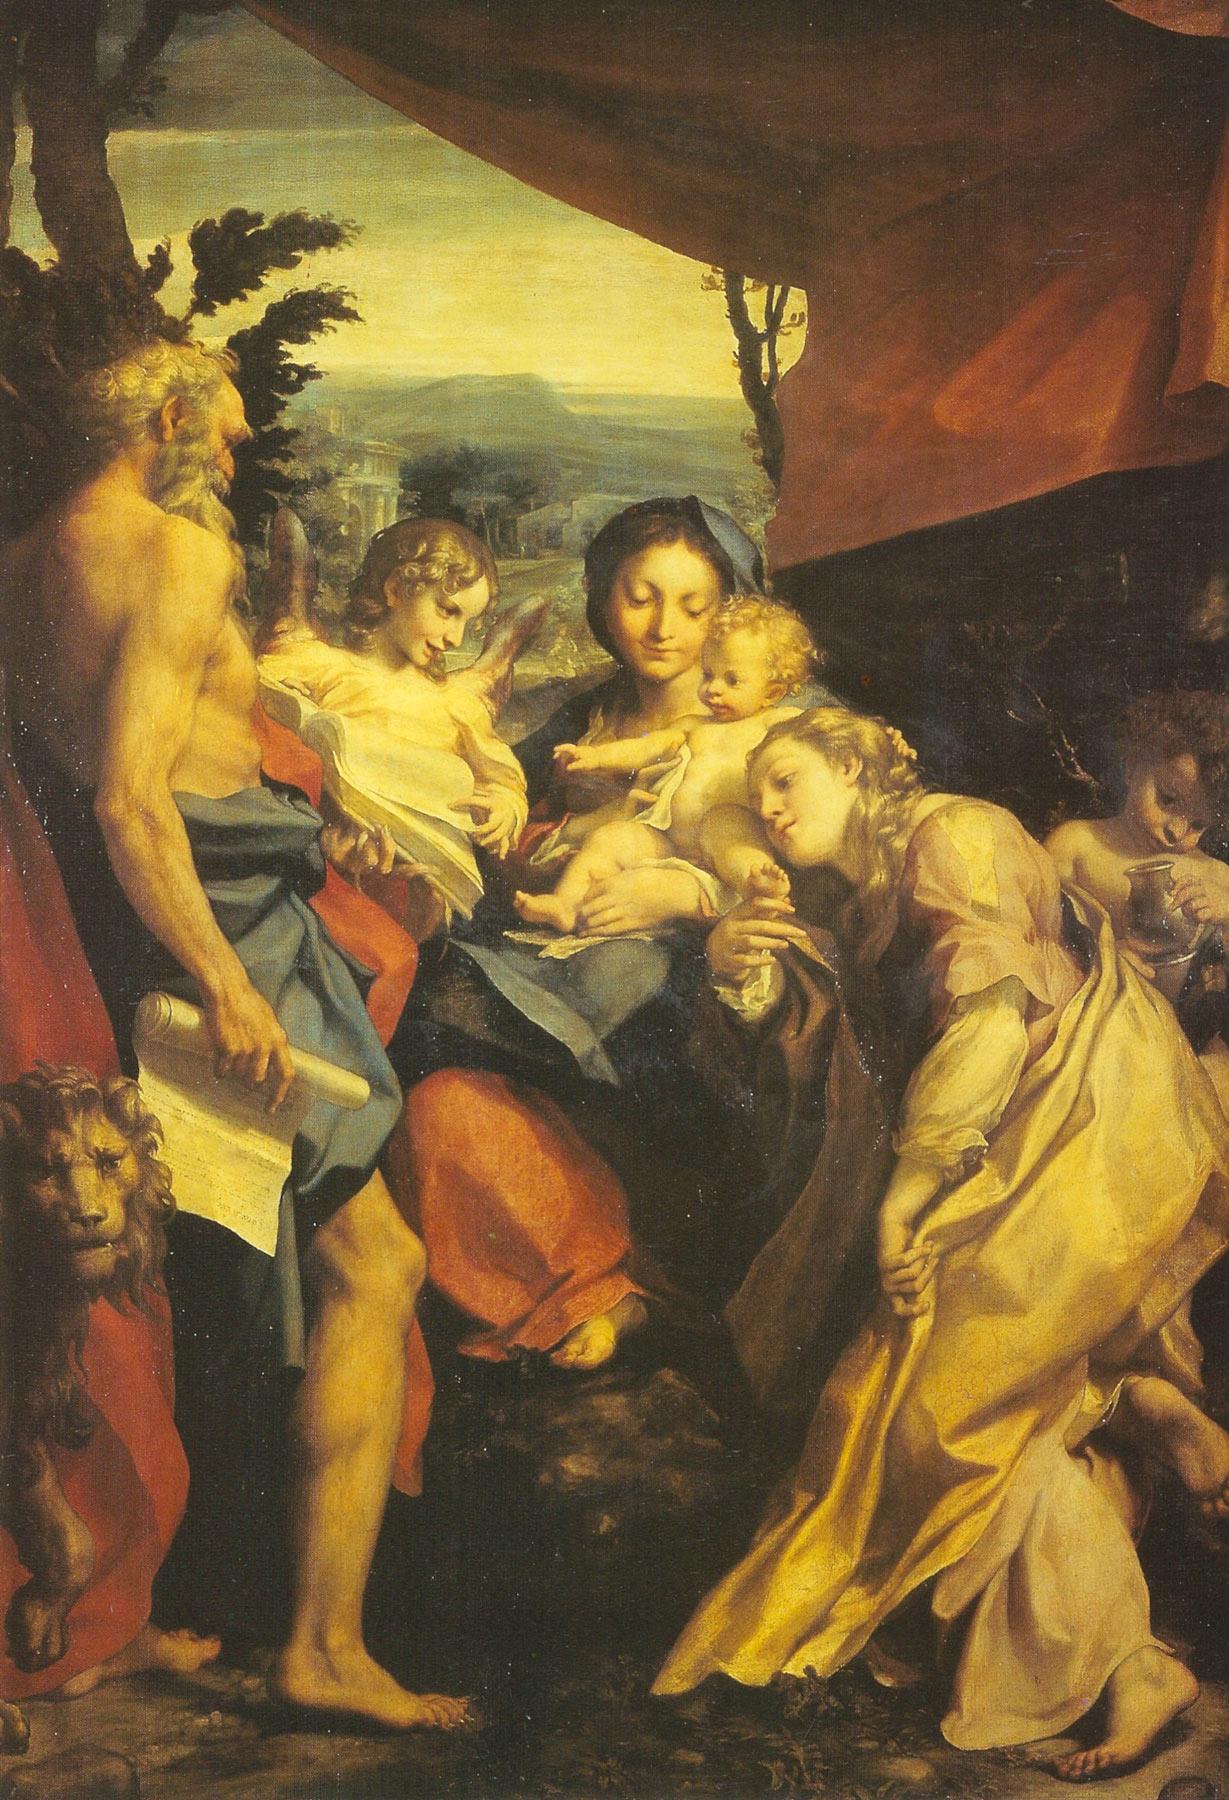 Correggio, Il Giorno (Madonna del San Girolamo) (olio su tavola, 205 x 141 cm; Parma, Galleria Nazionale)